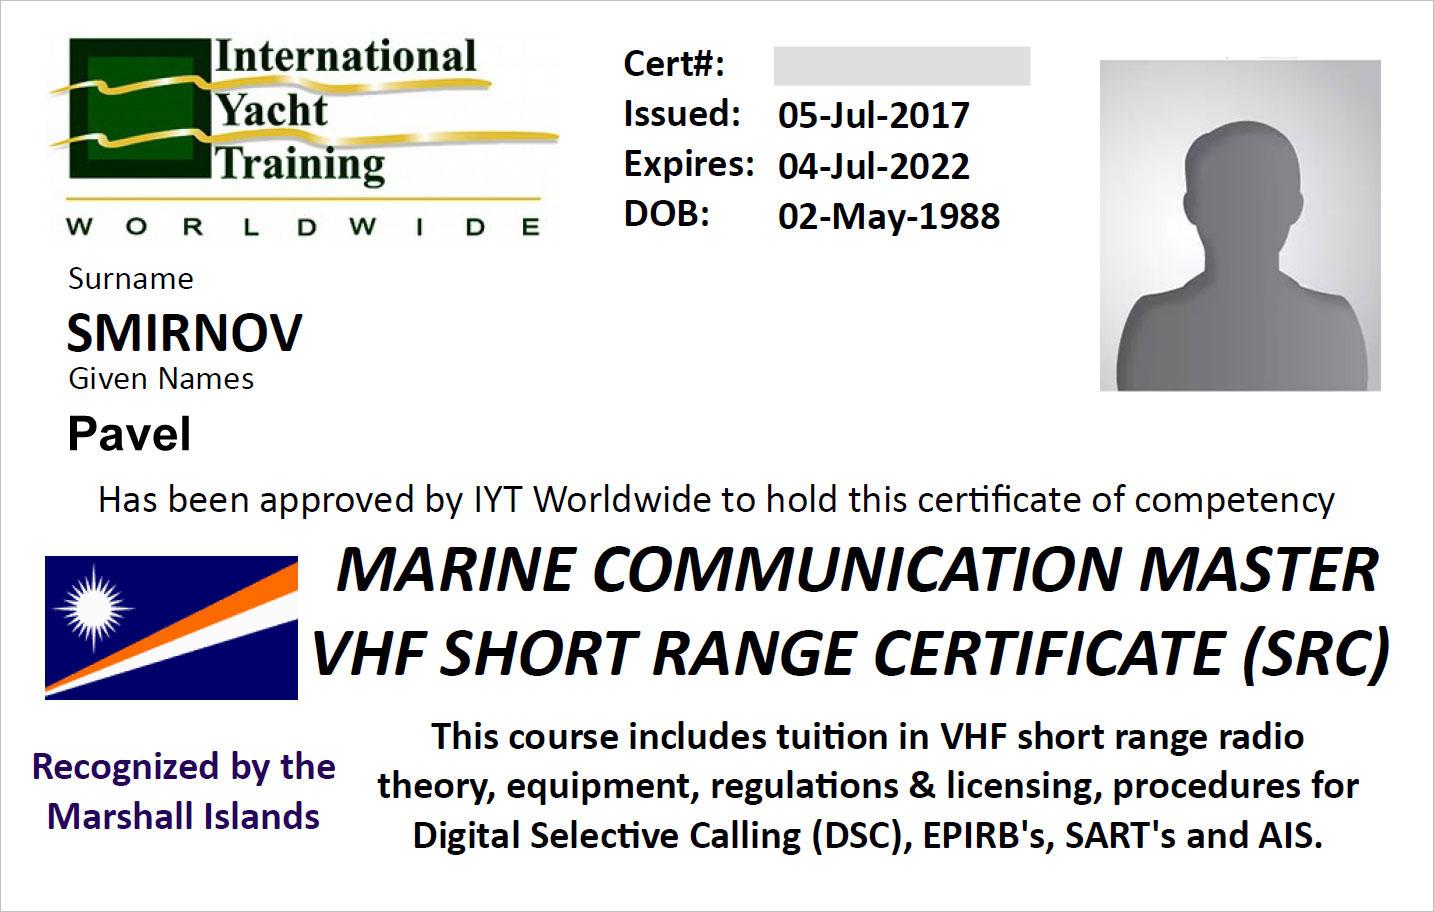 Сертификация для дальнего плавания база сертификатов гост